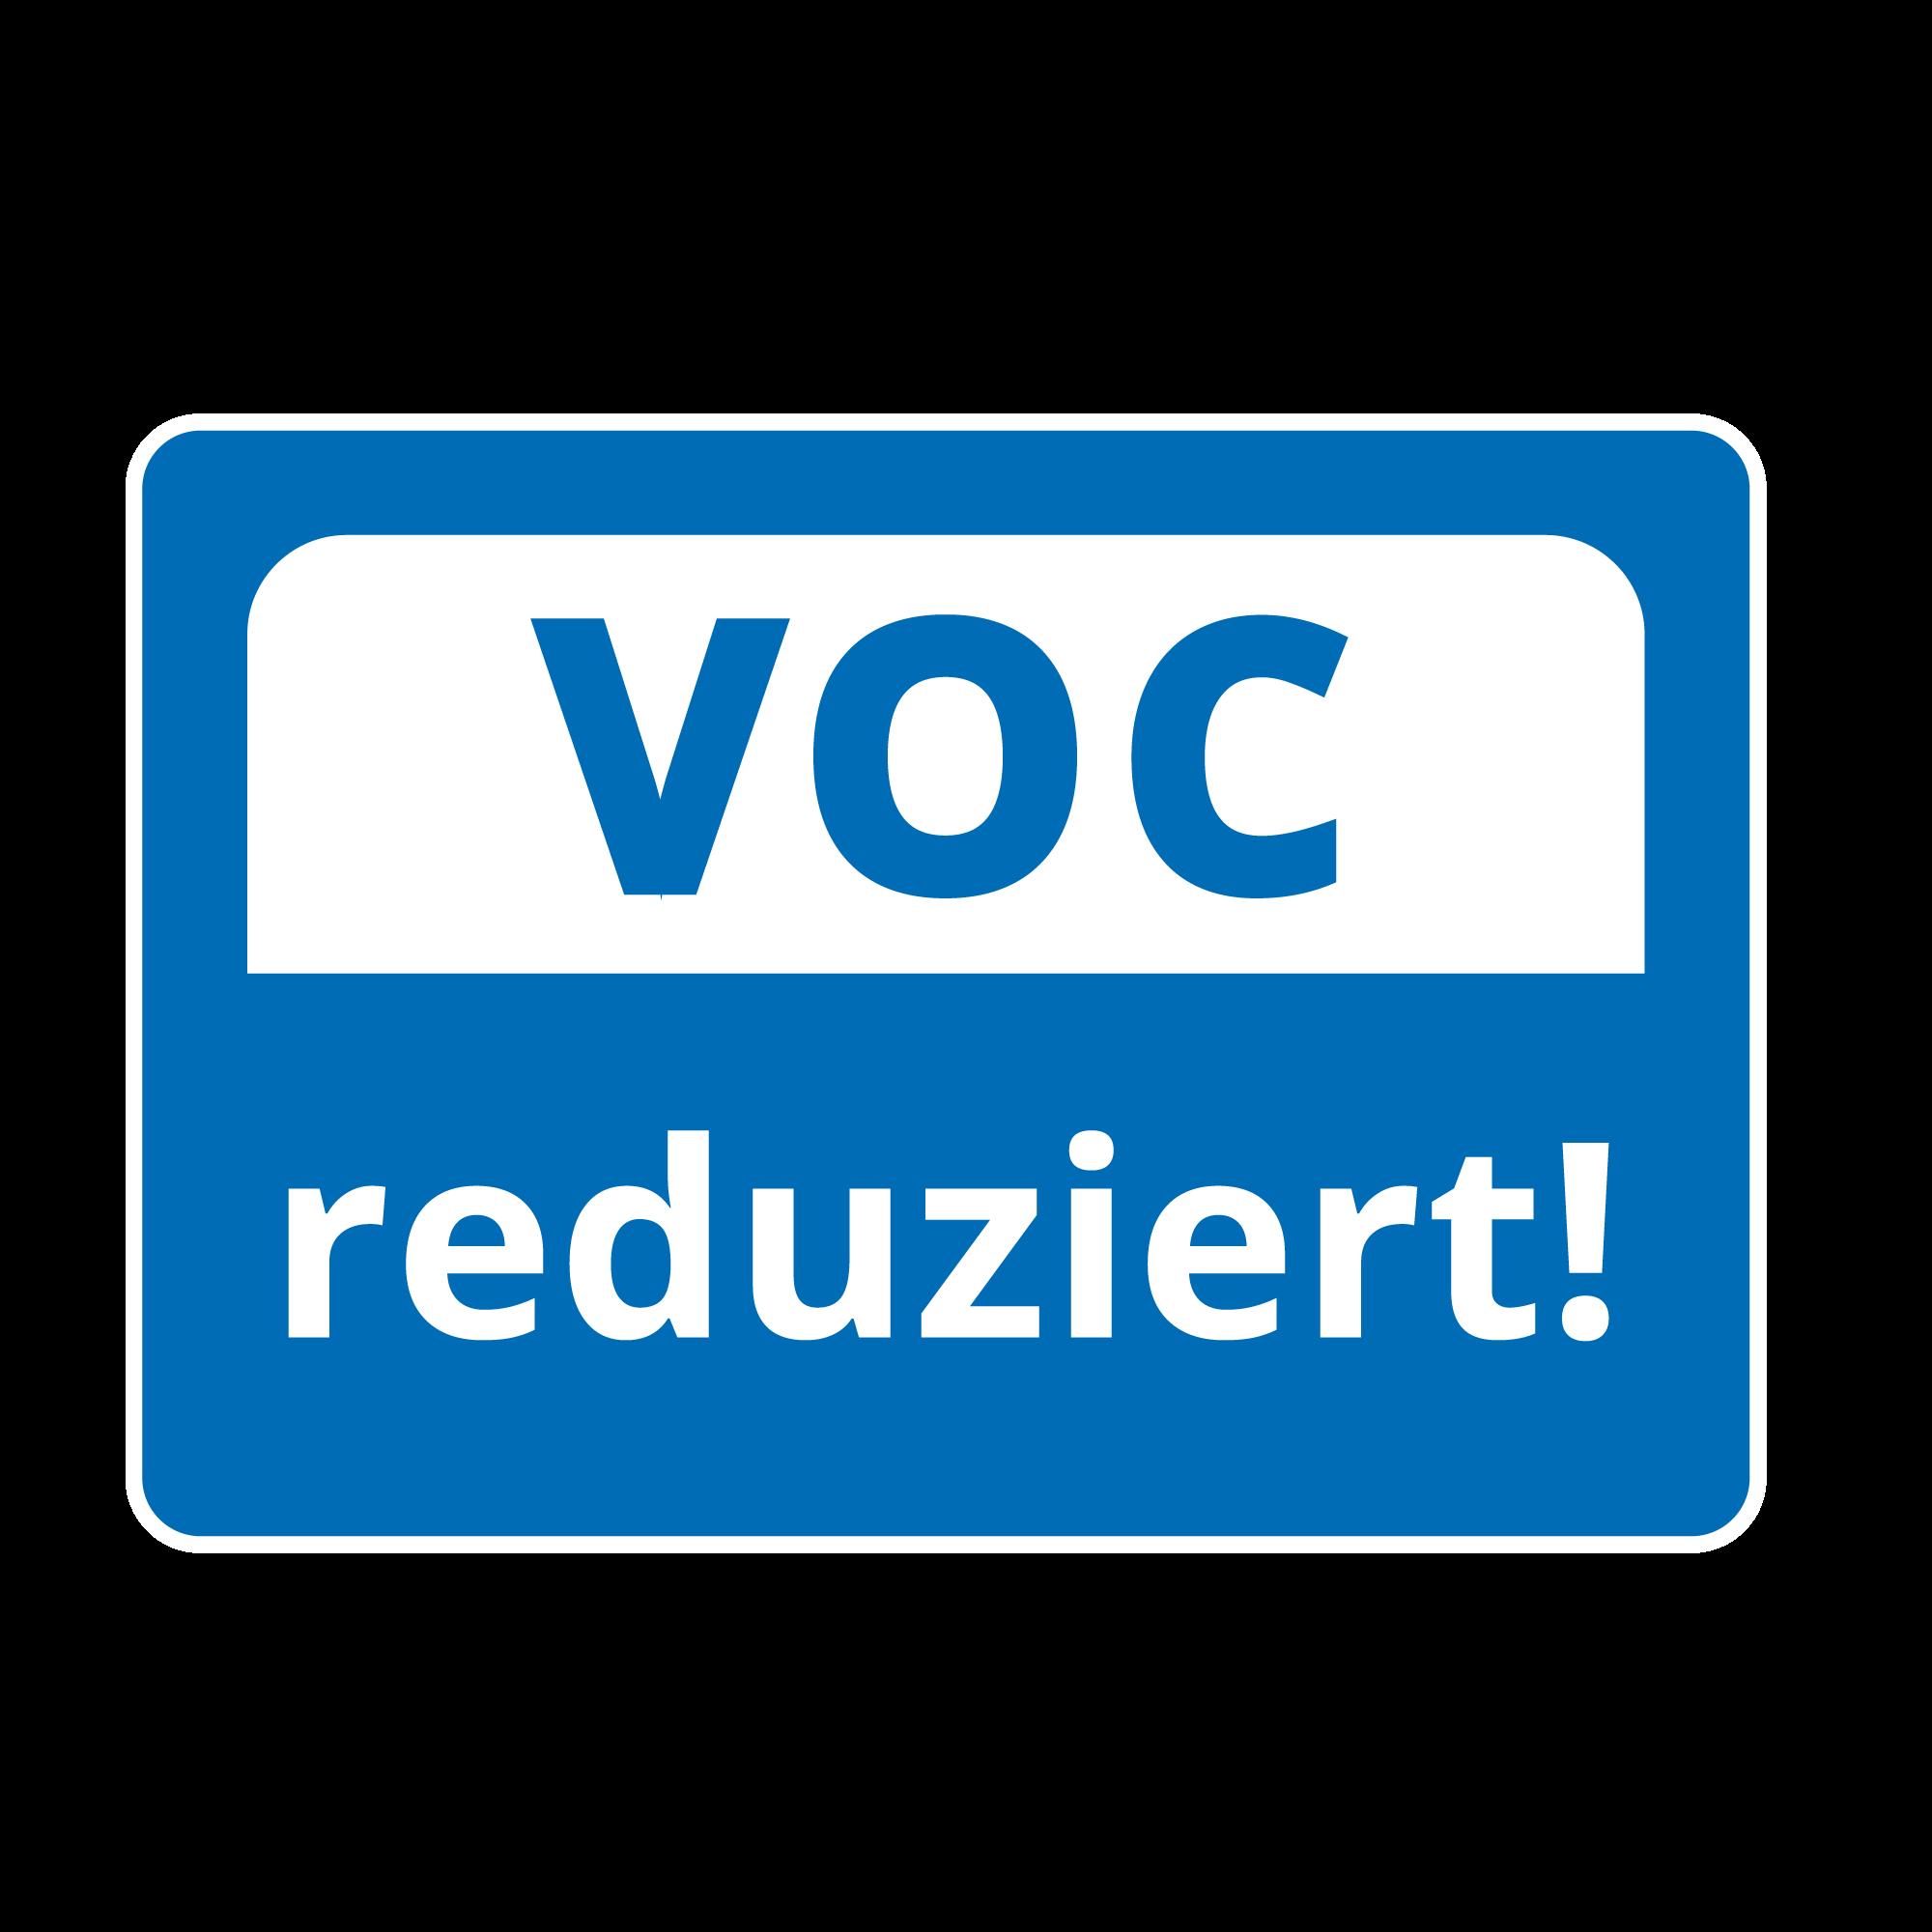 VOC reduced!